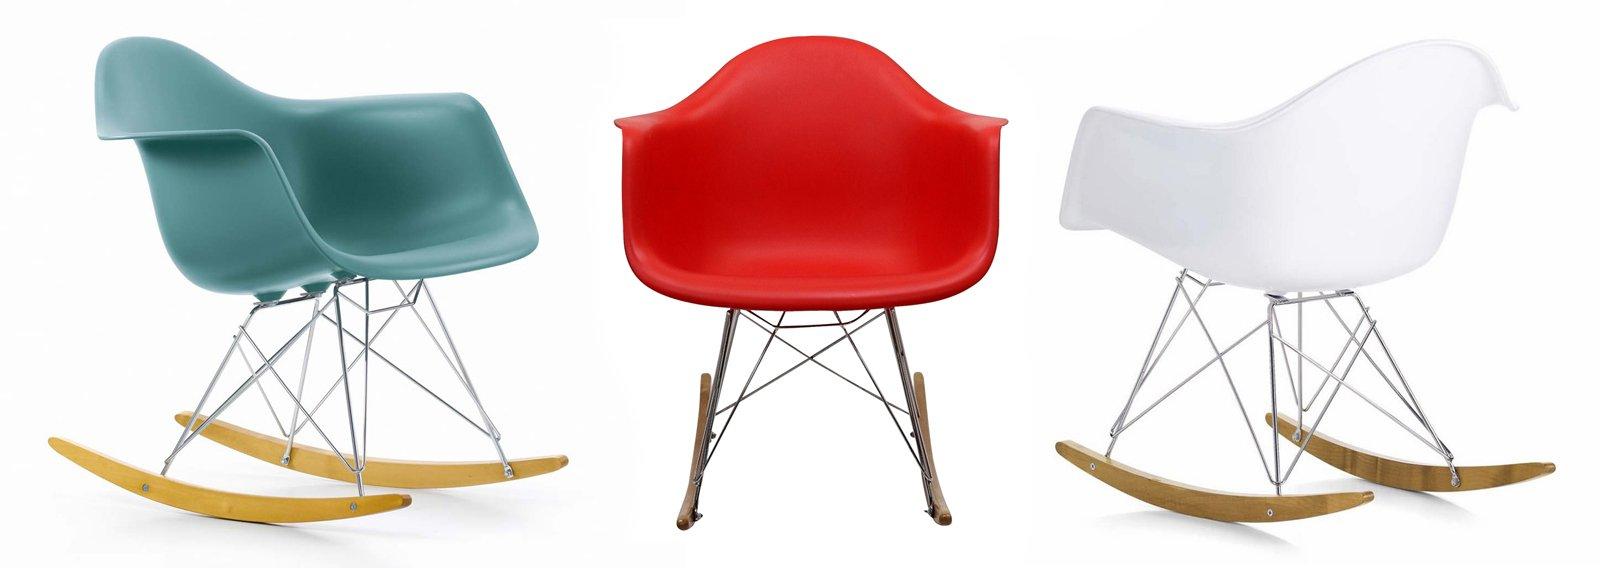 Sedie a dondolo ritorno dal passato cose di casa - Sedia a dondolo design ...